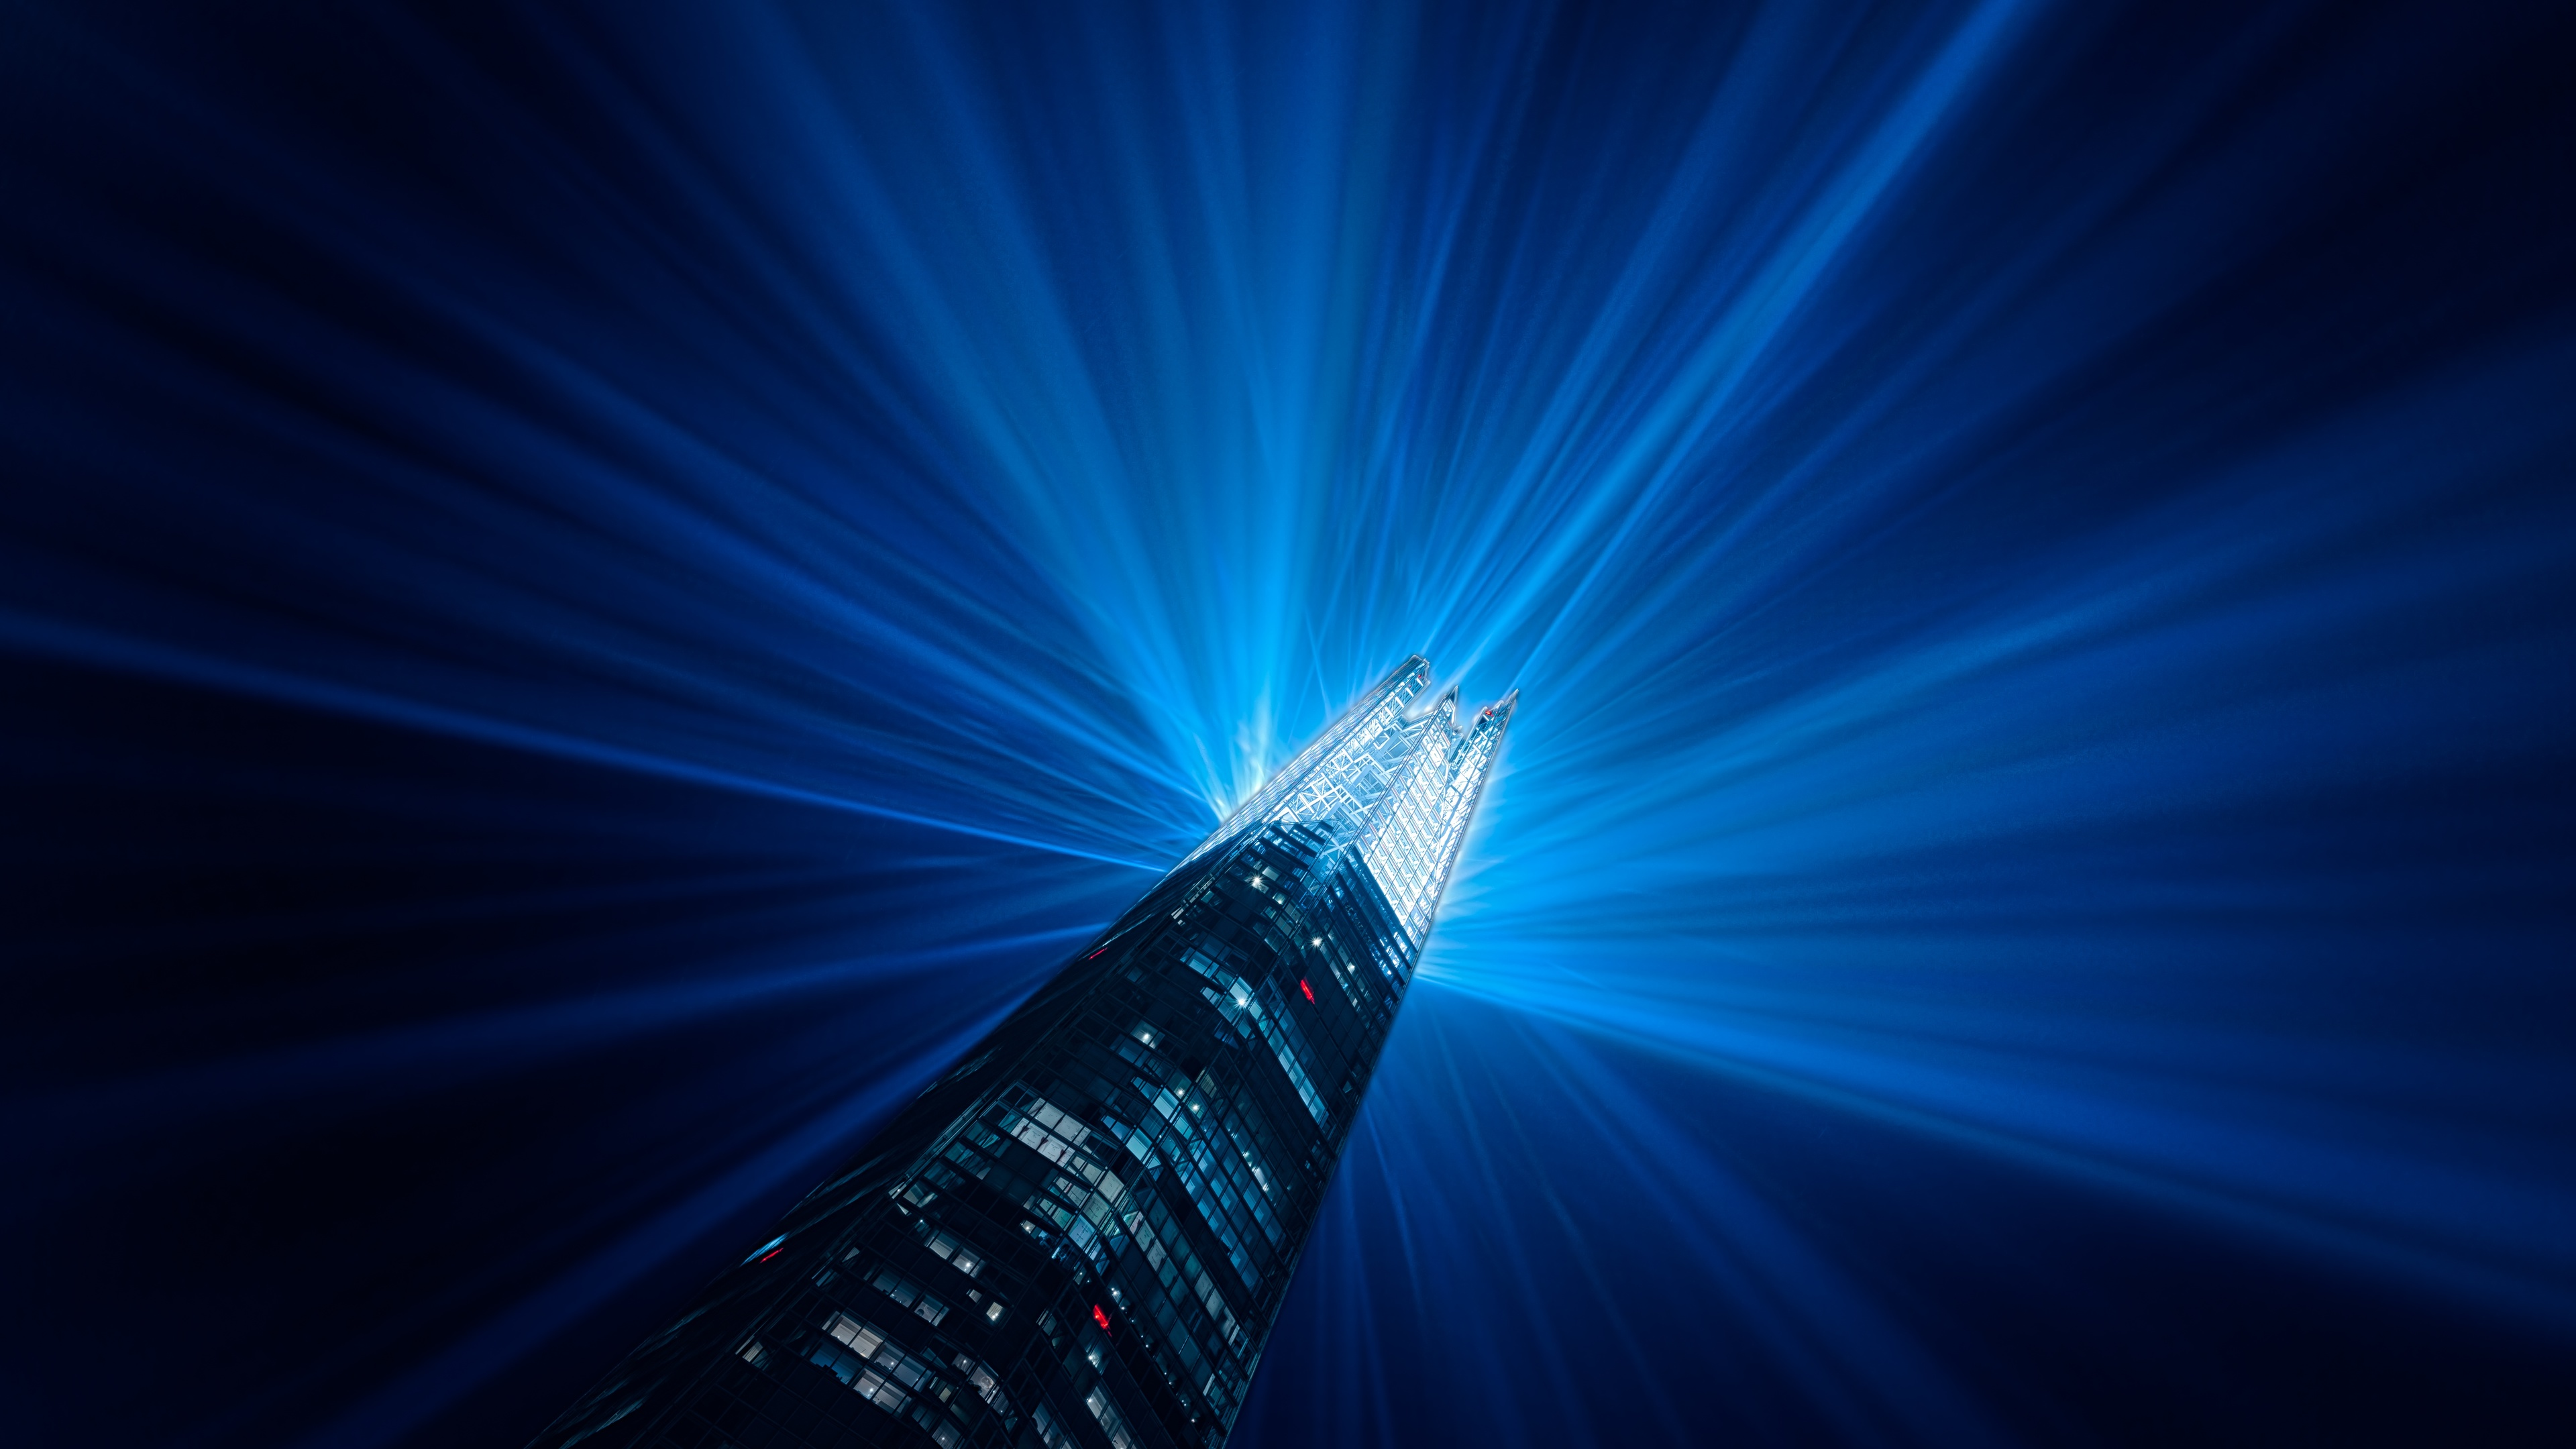 the shard skyscraper 8k 1538069236 - The Shard Skyscraper 8k - world wallpapers, skycrapper wallpapers, photography wallpapers, lights wallpapers, blue wallpapers, architecture wallpapers, 8k wallpapers